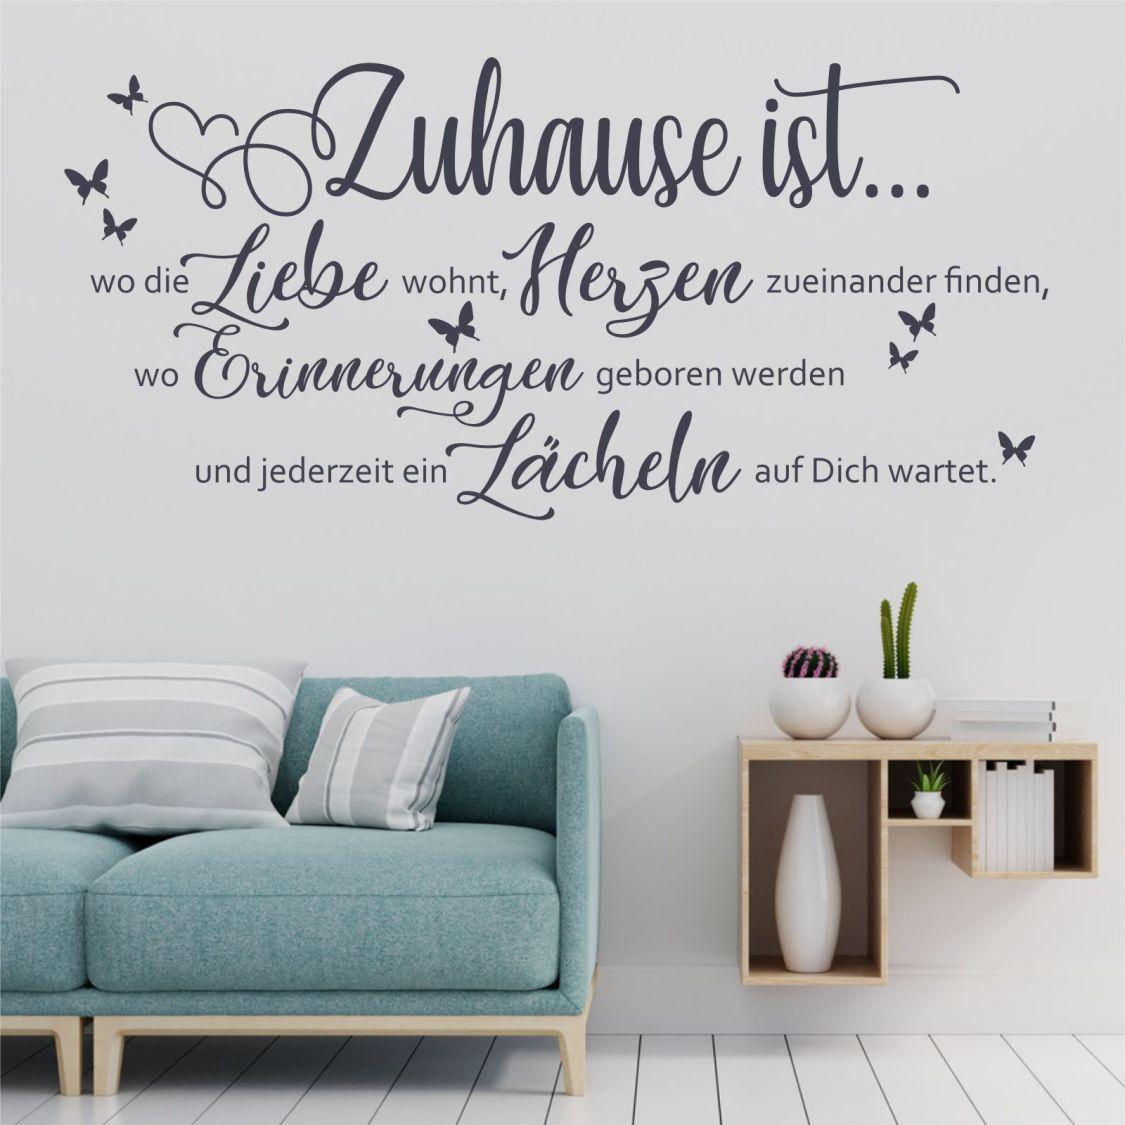 Wandtattoo Wandsticker Wandaufkleber Zuhause ist Liebe Familie Flur WT148